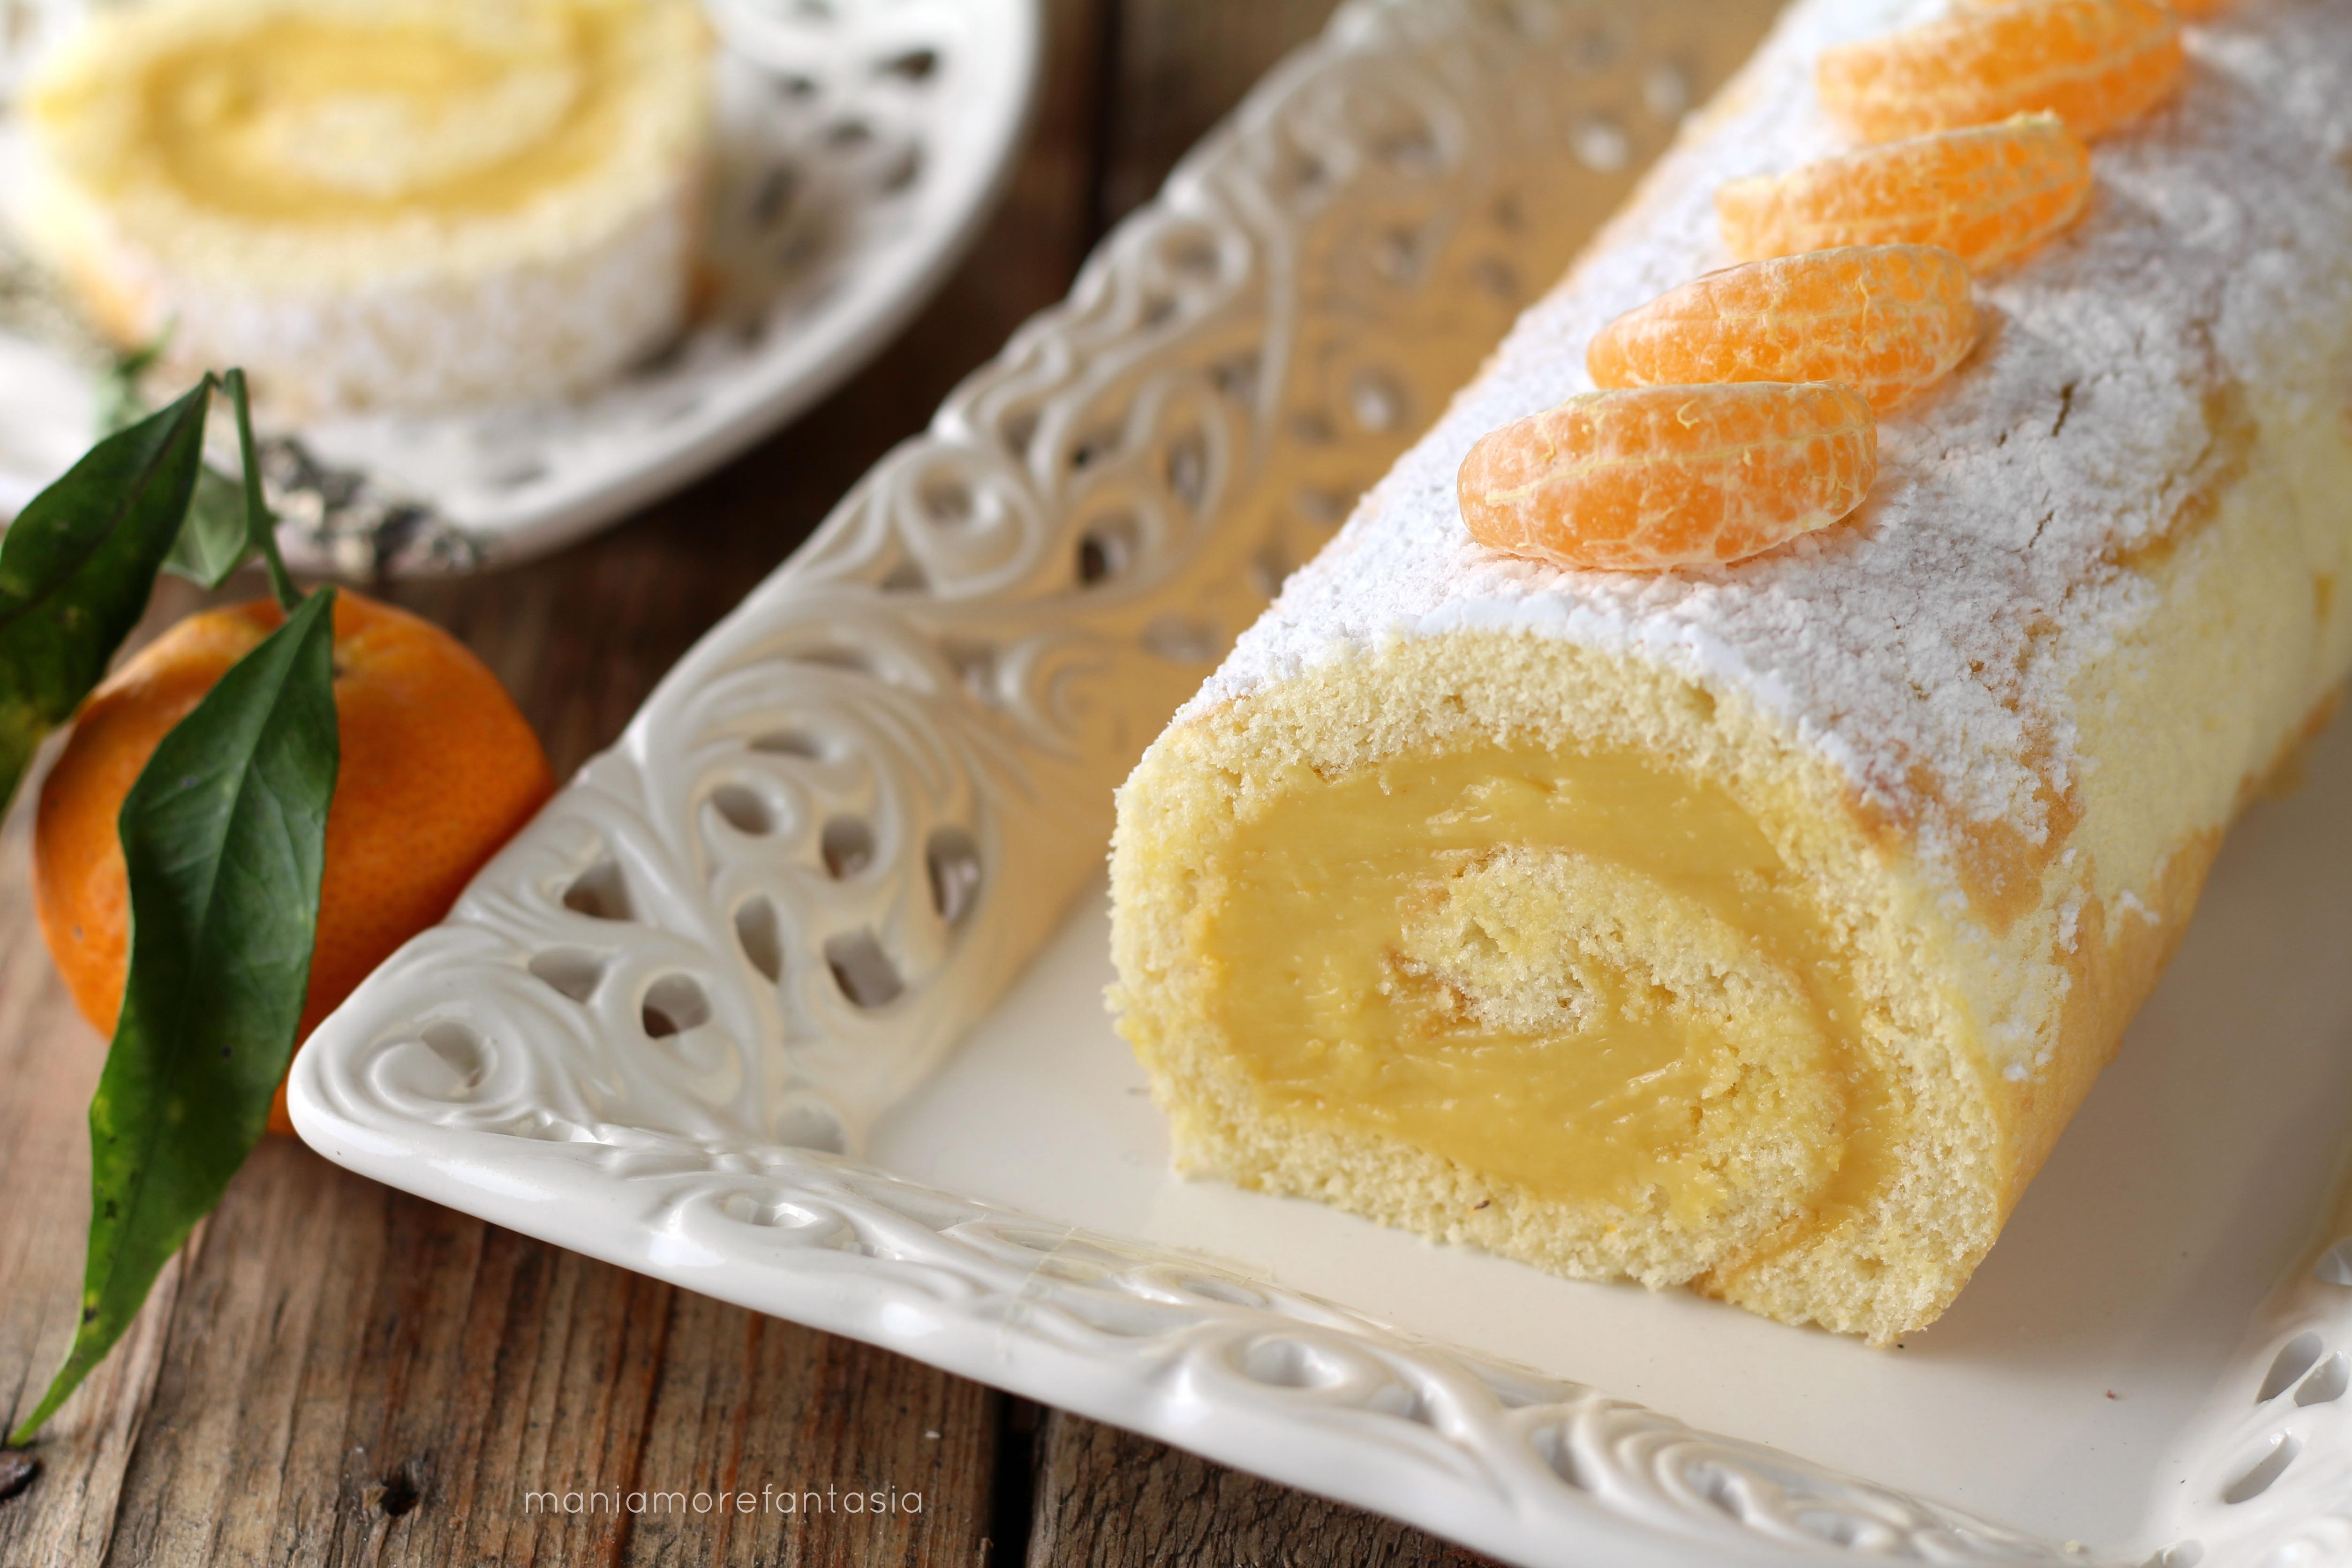 rotolo soffice con crema al mandarino